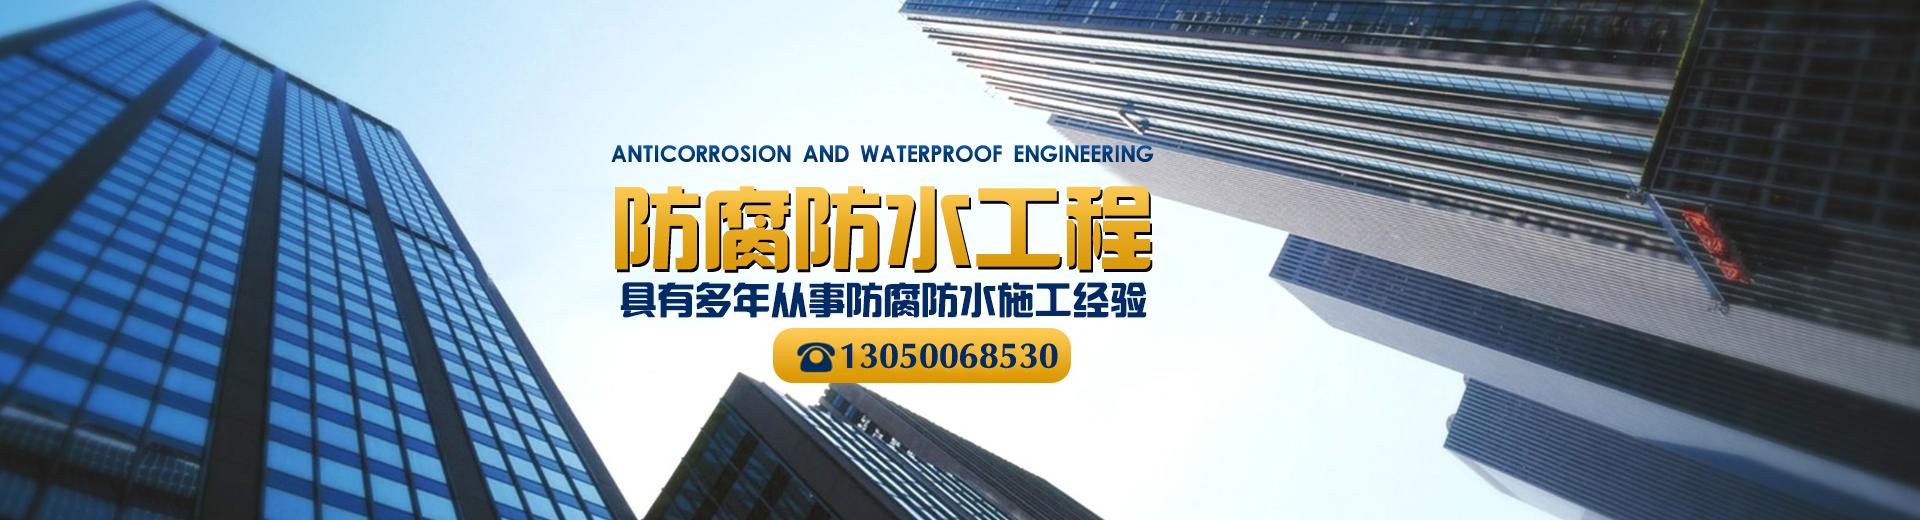 东北防腐工程